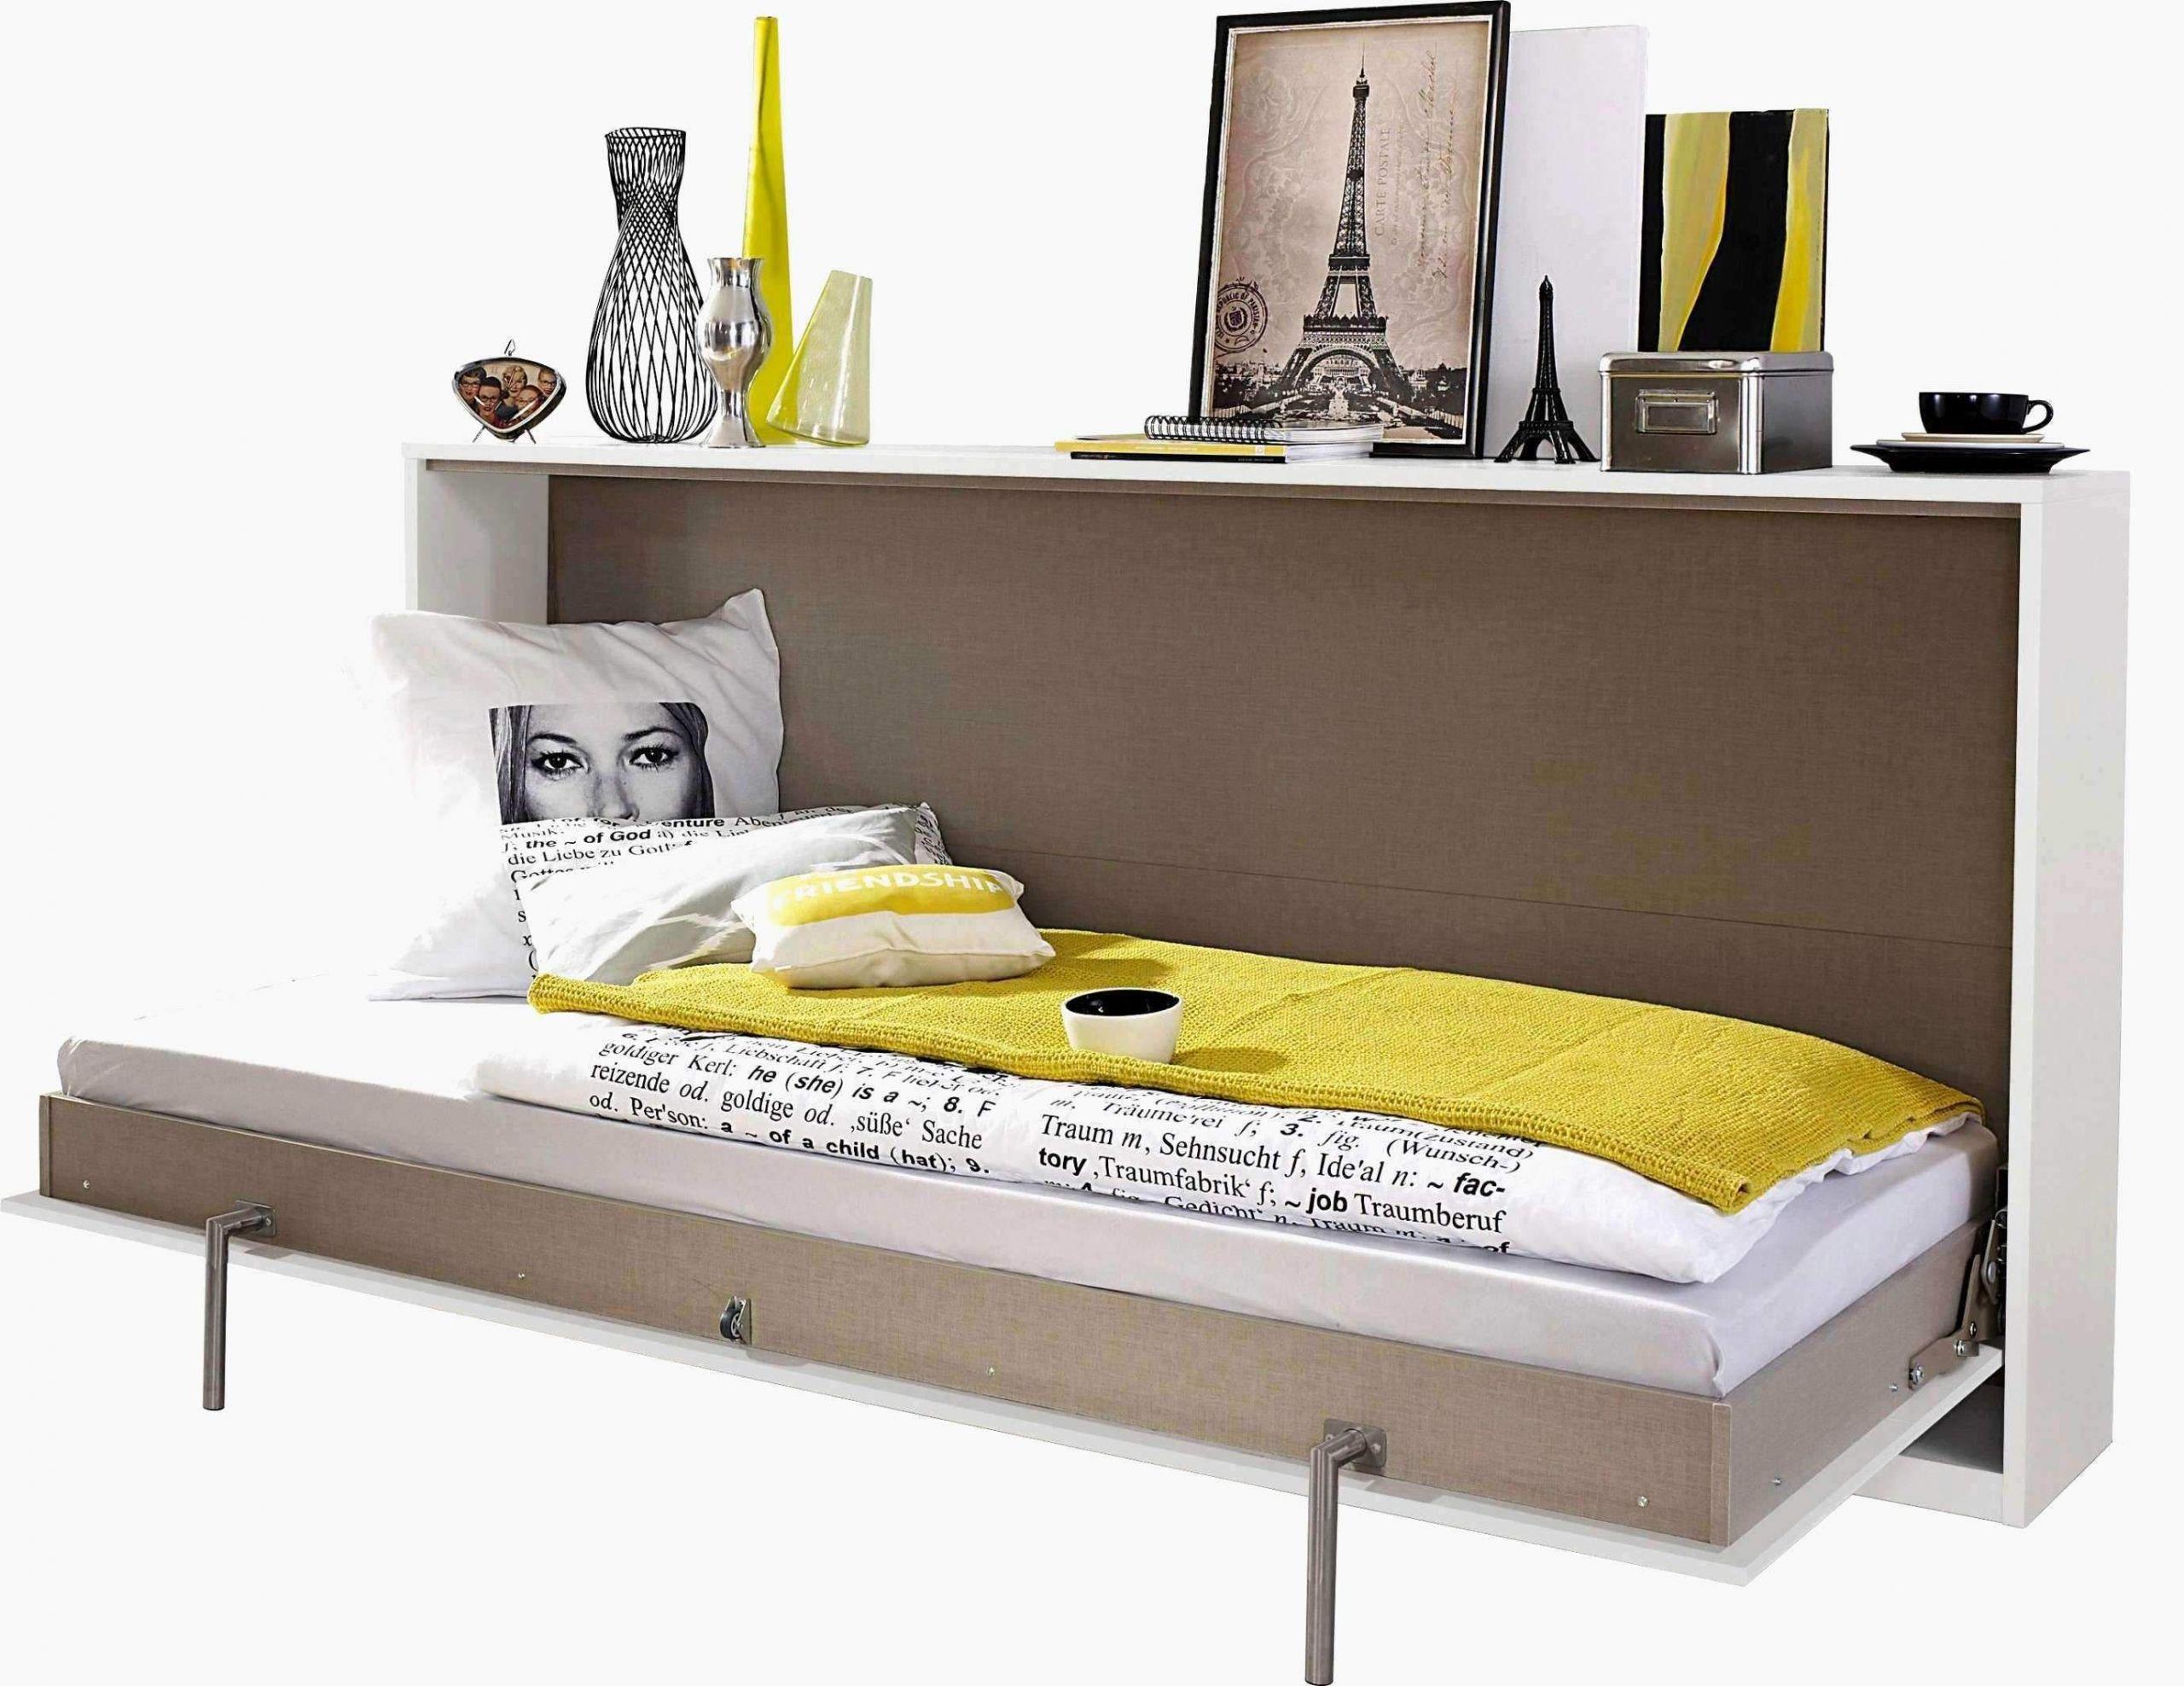 regale gunstig kaufen genial 45 tolle von regale gunstig kaufen design of regale gunstig kaufen 1